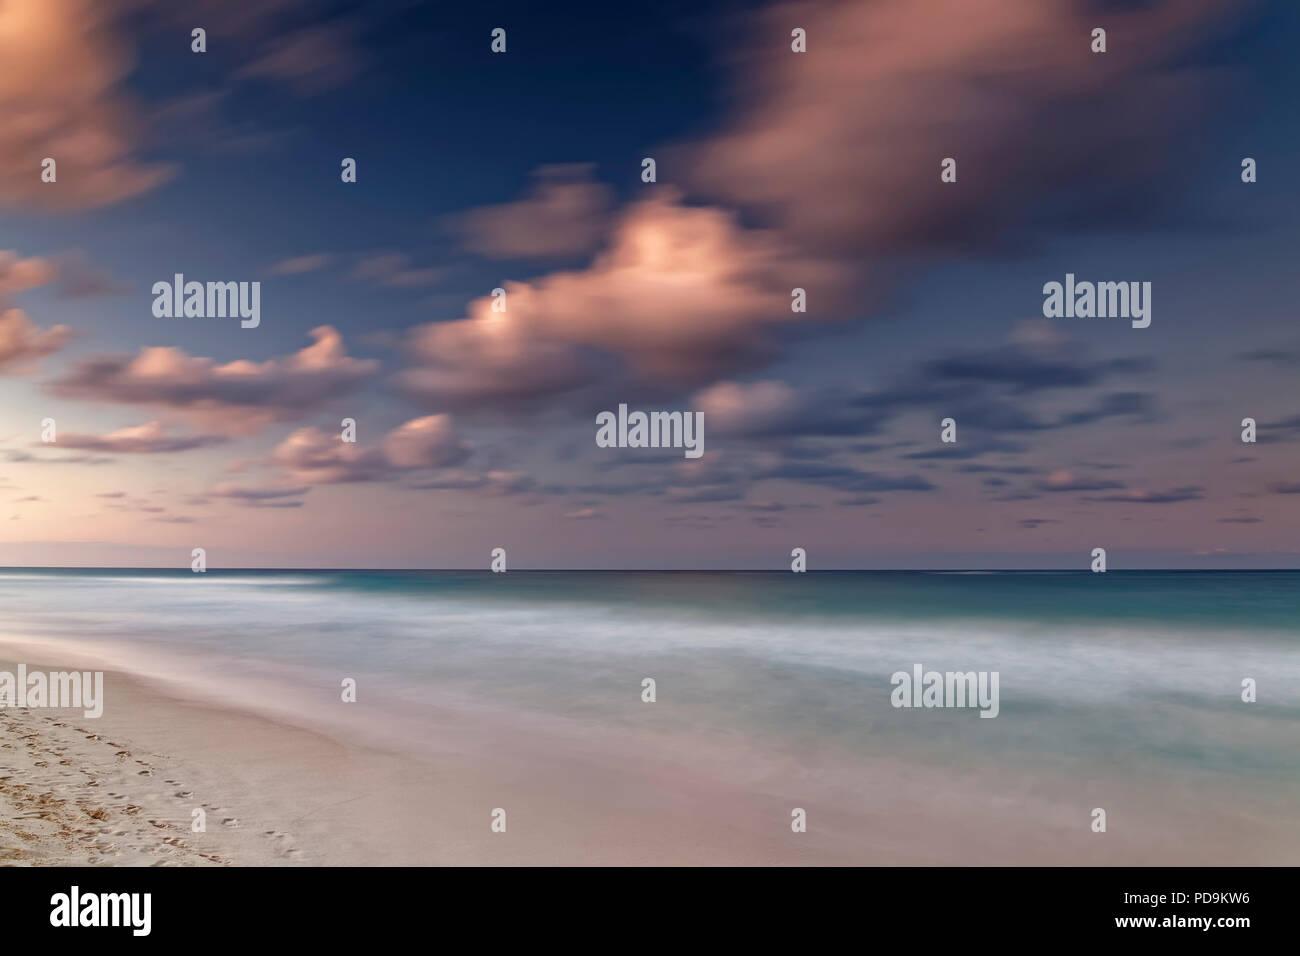 Posluminiscencia con nubes por el mar, Playa Bávaro, Punta Cana, República Dominicana Imagen De Stock